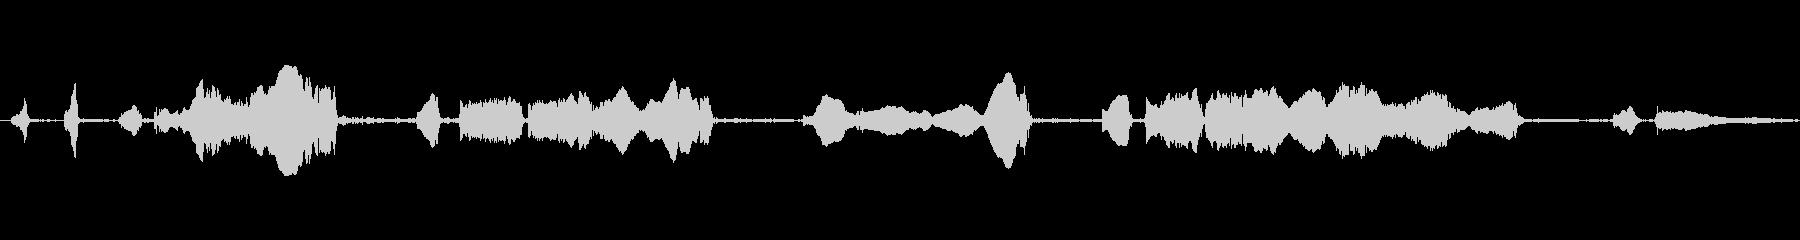 ラットの鳴き声、チャタリングの未再生の波形